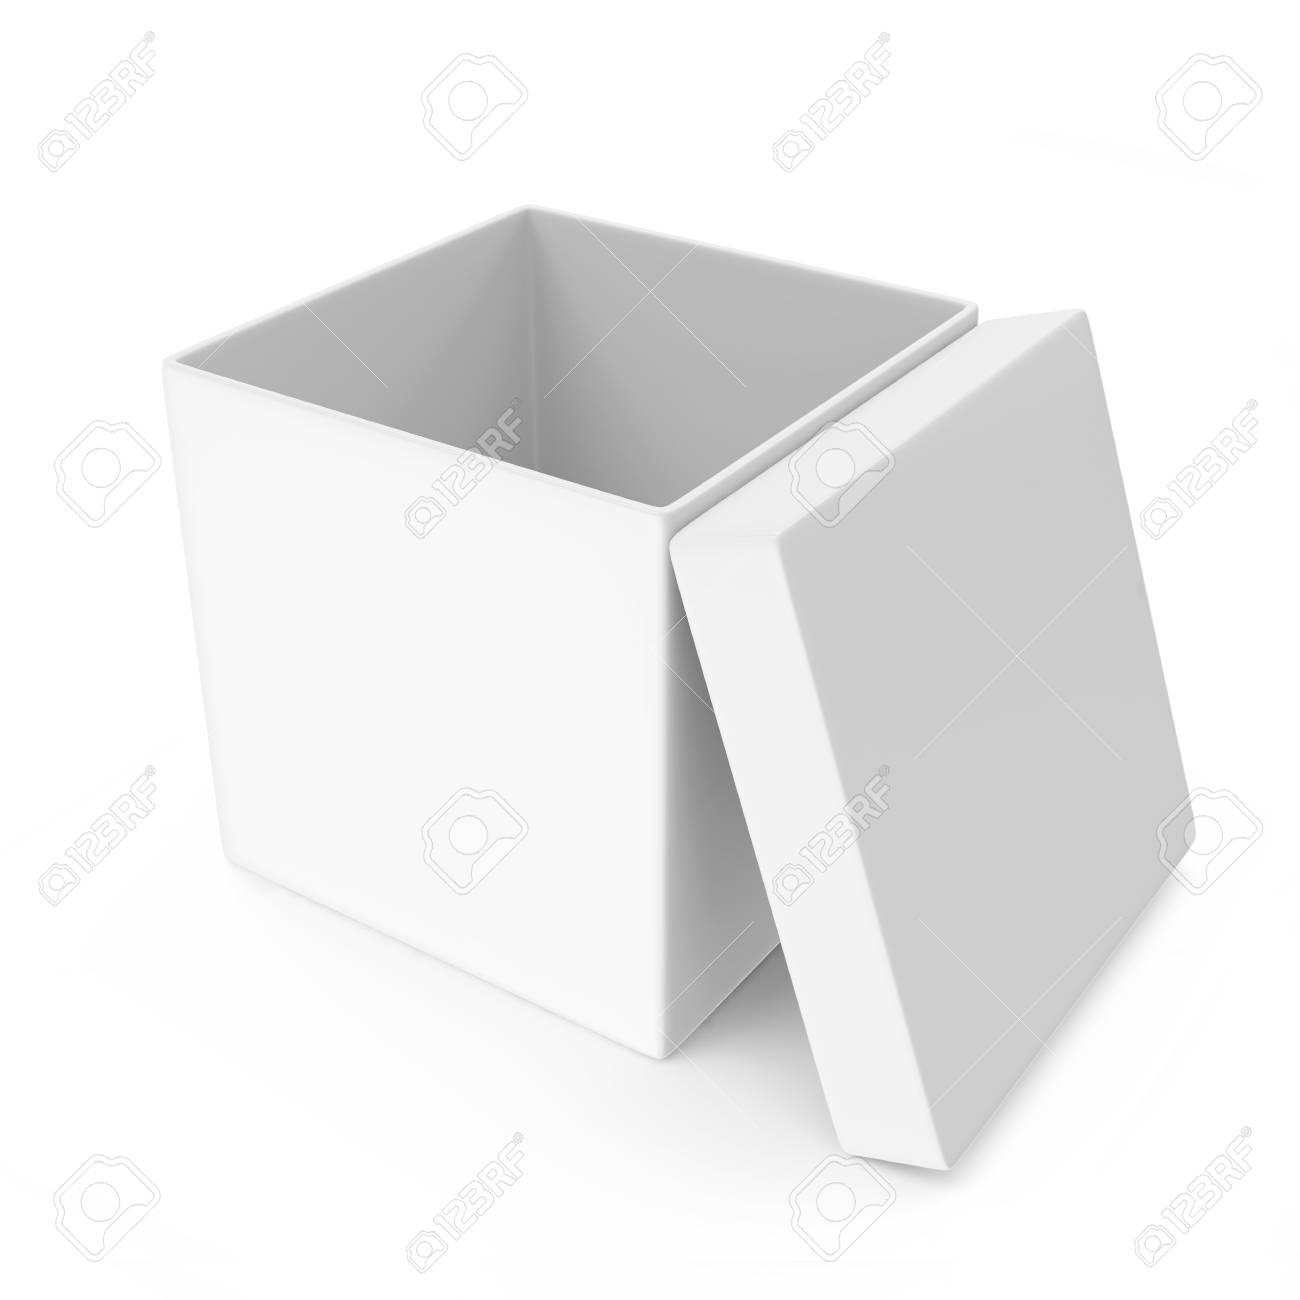 Opened White Blank Box isolated on white background Stock Photo - 22914611